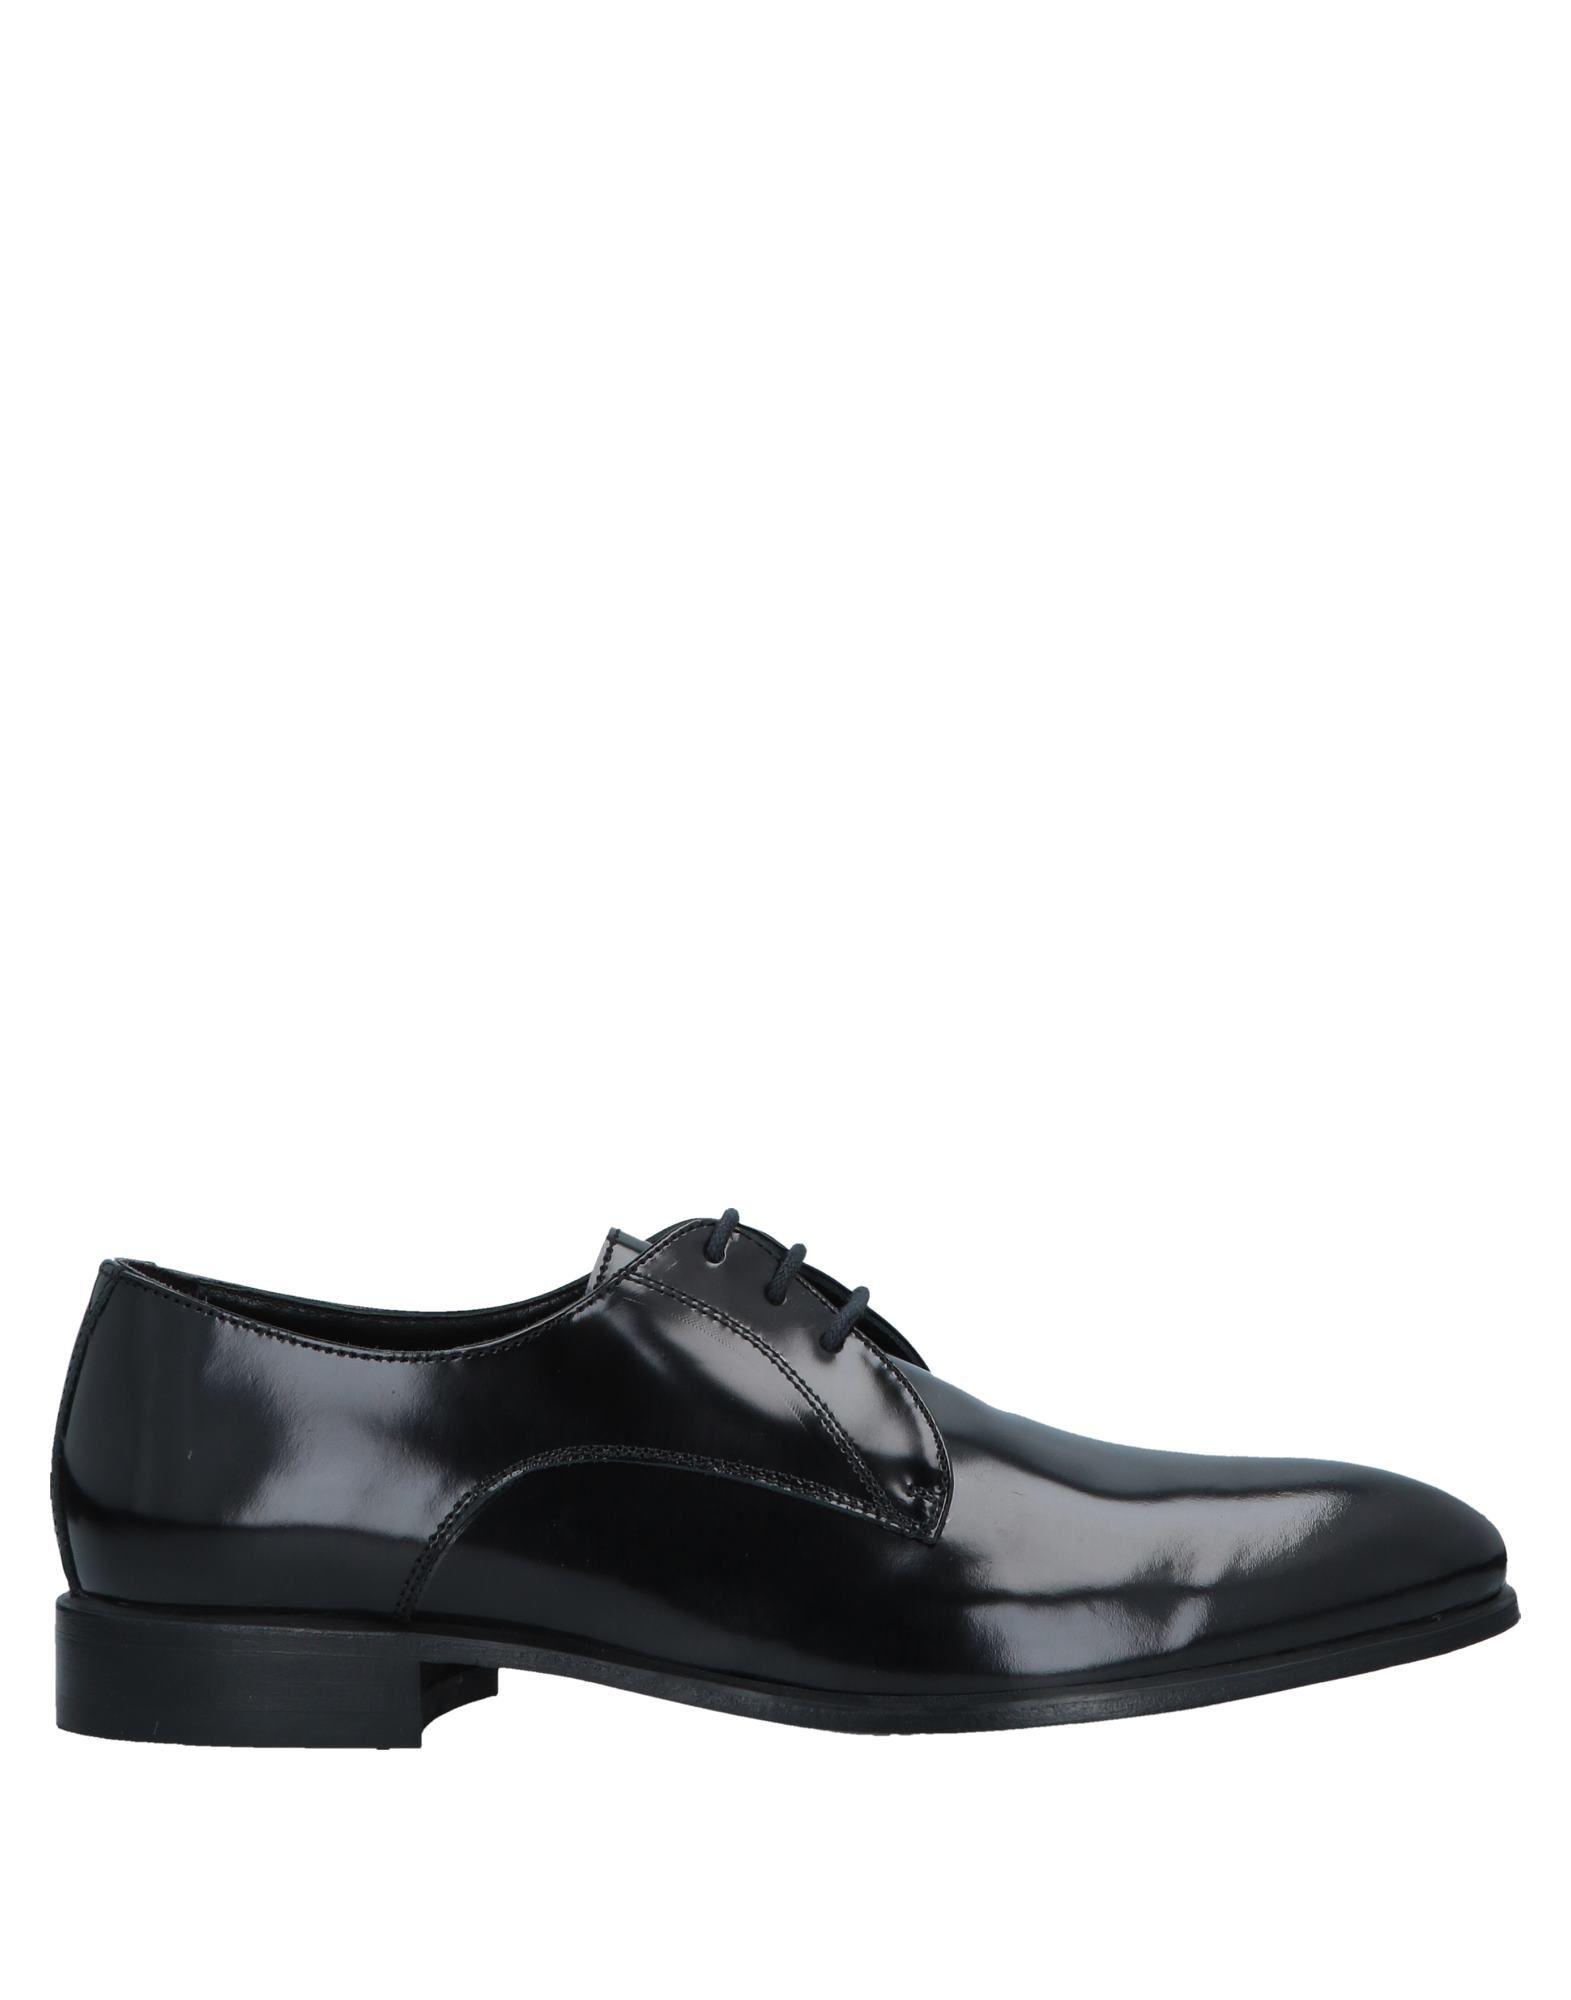 Фото - FONTANA Обувь на шнурках обувь на высокой платформе dkny